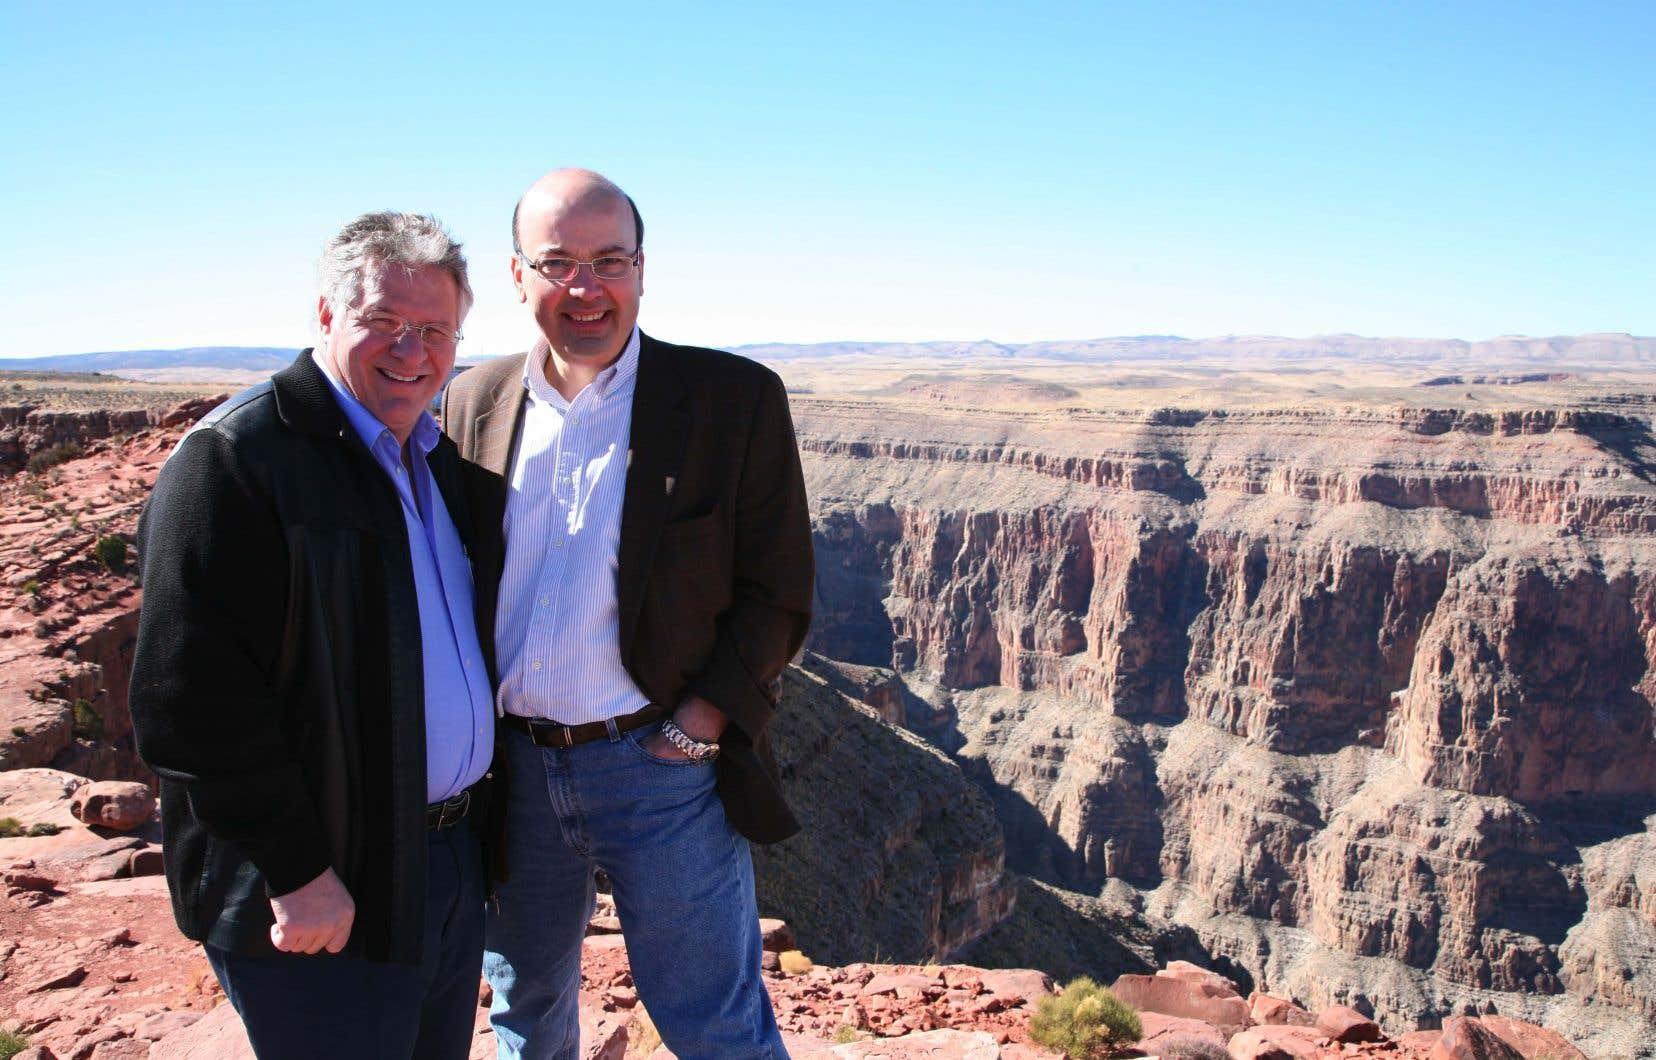 Tony Accurso et Frank Zampino photographiés lors d'un voyage à Las Vegas, en 2006.